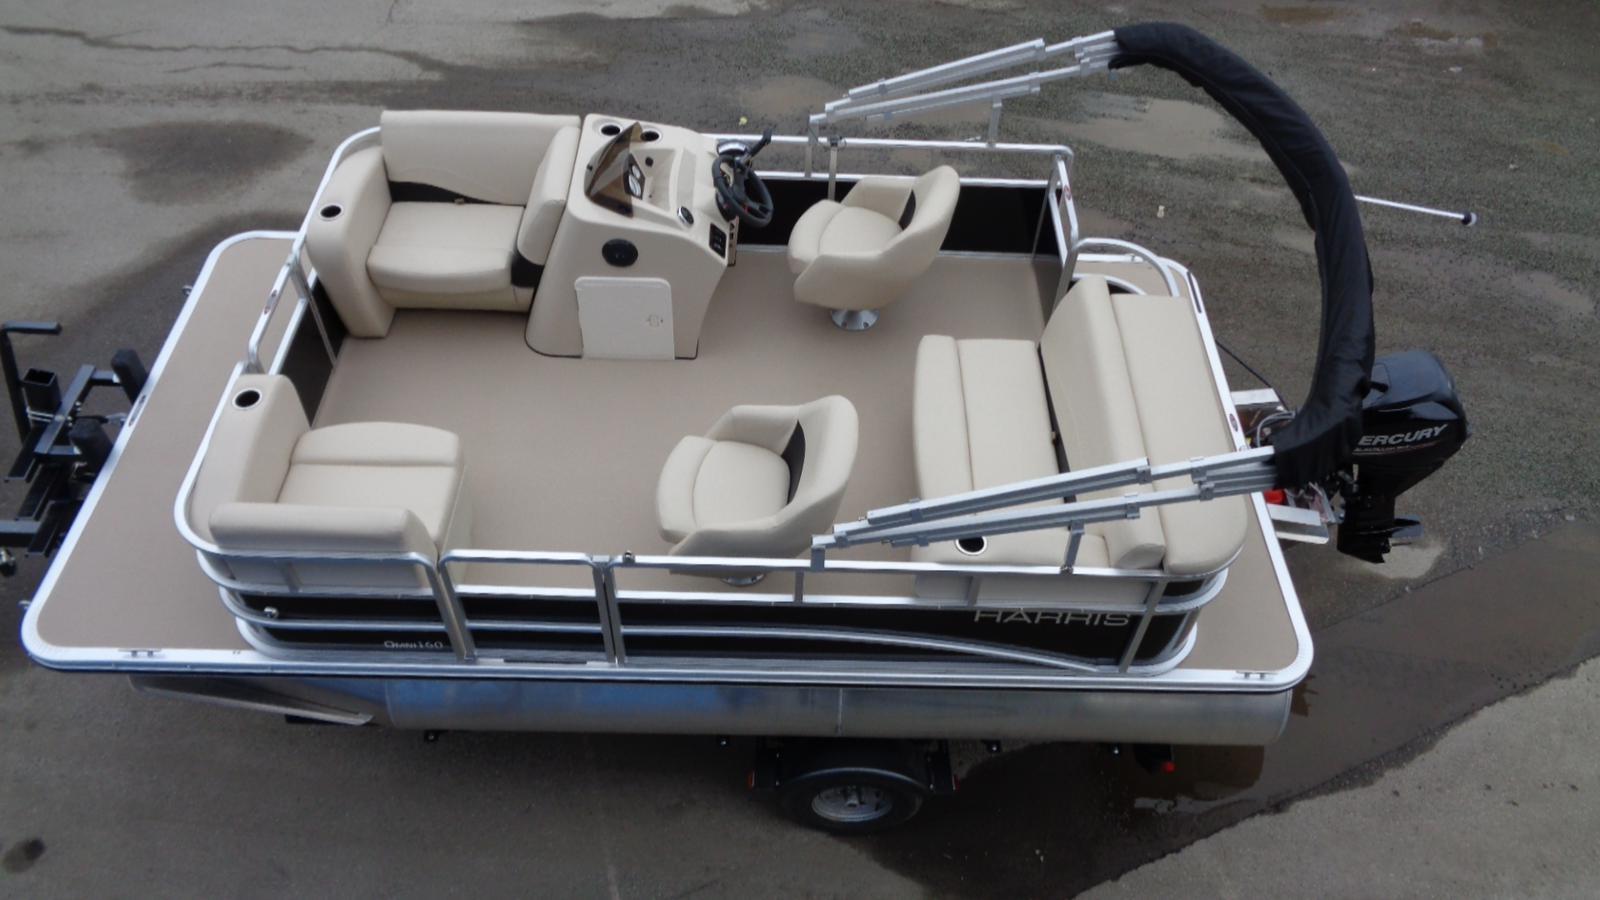 For Sale: 2017 Harris Omni 160 17ft<br/>Dockside Marine Centre, LTD.